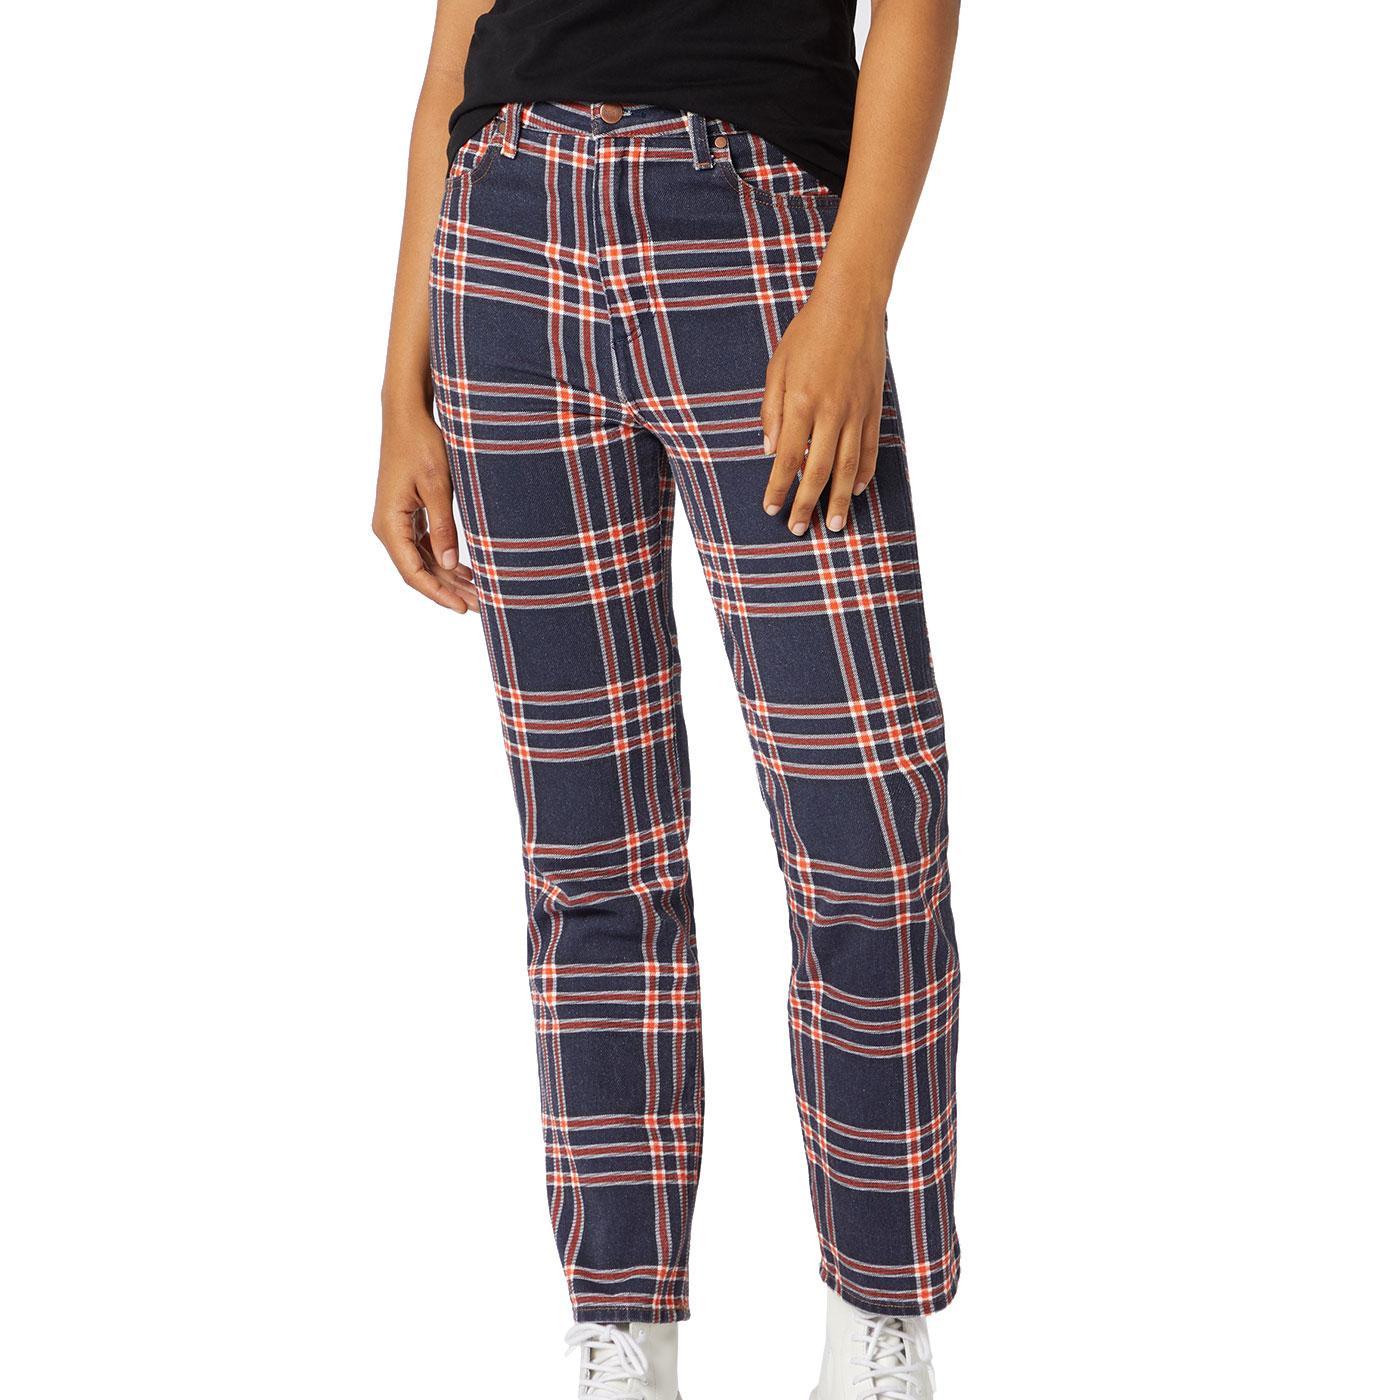 WRANGLER Women's Retro Check Indigo Denim Jeans